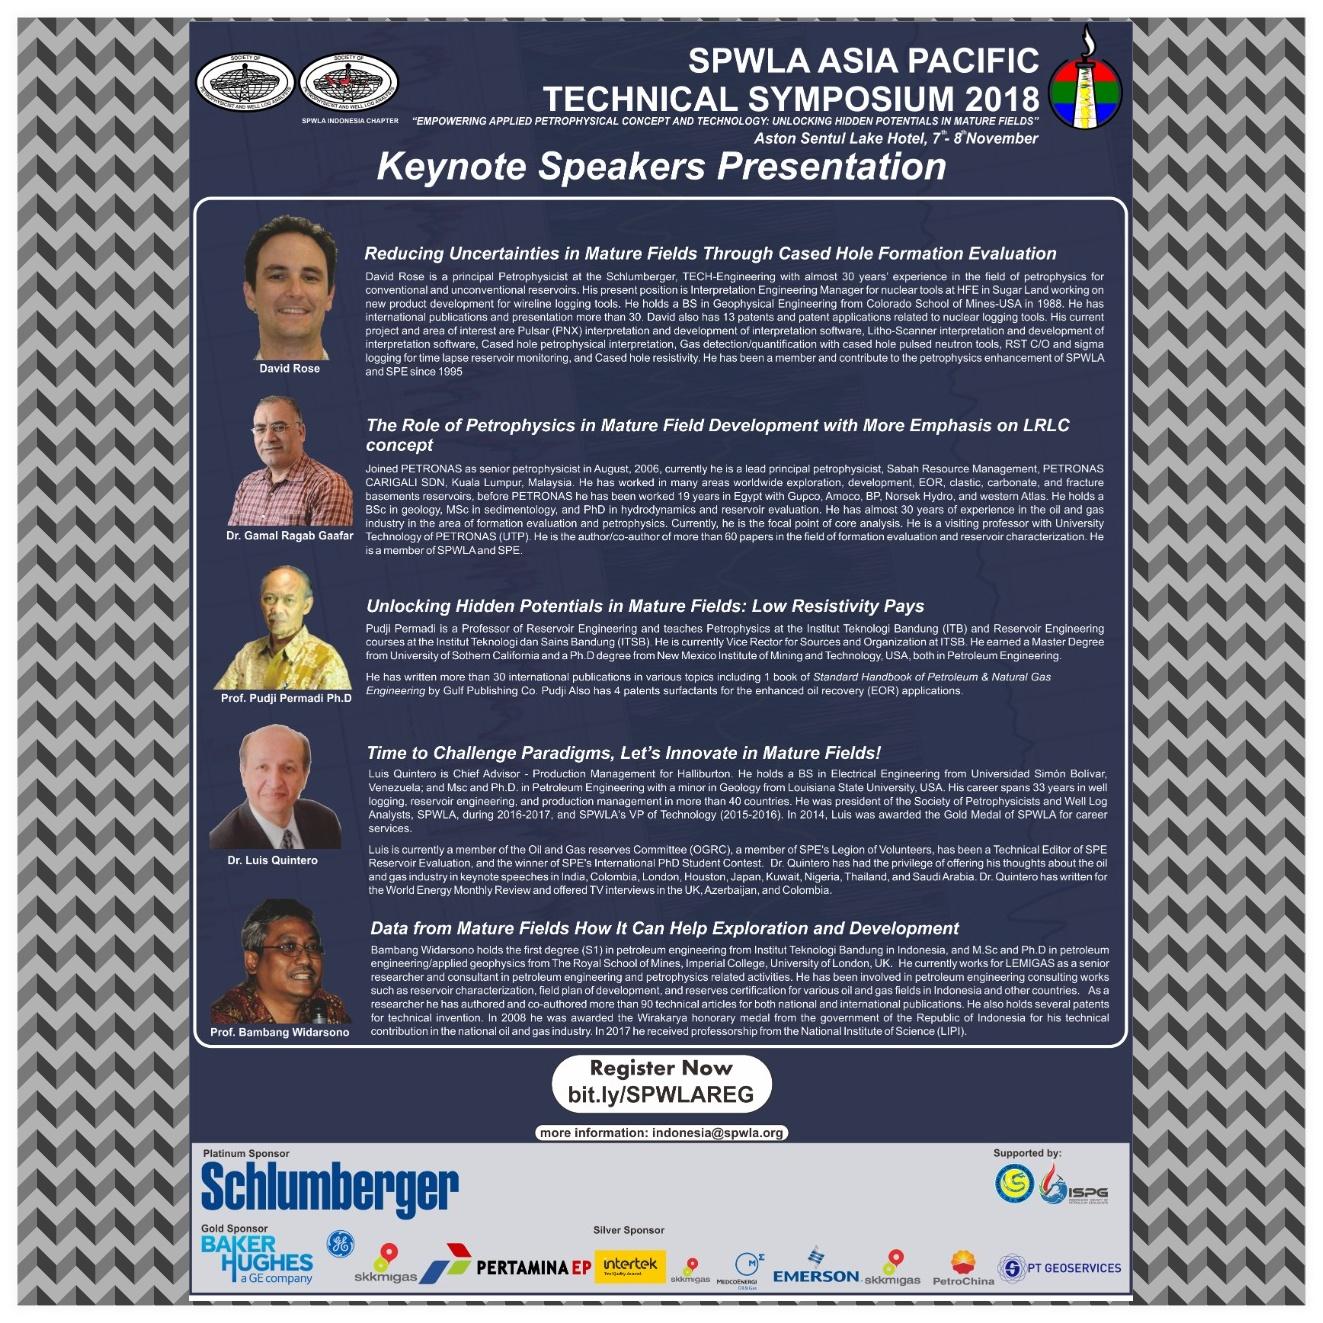 spwla_asia_pacific_technical_symposium_2018